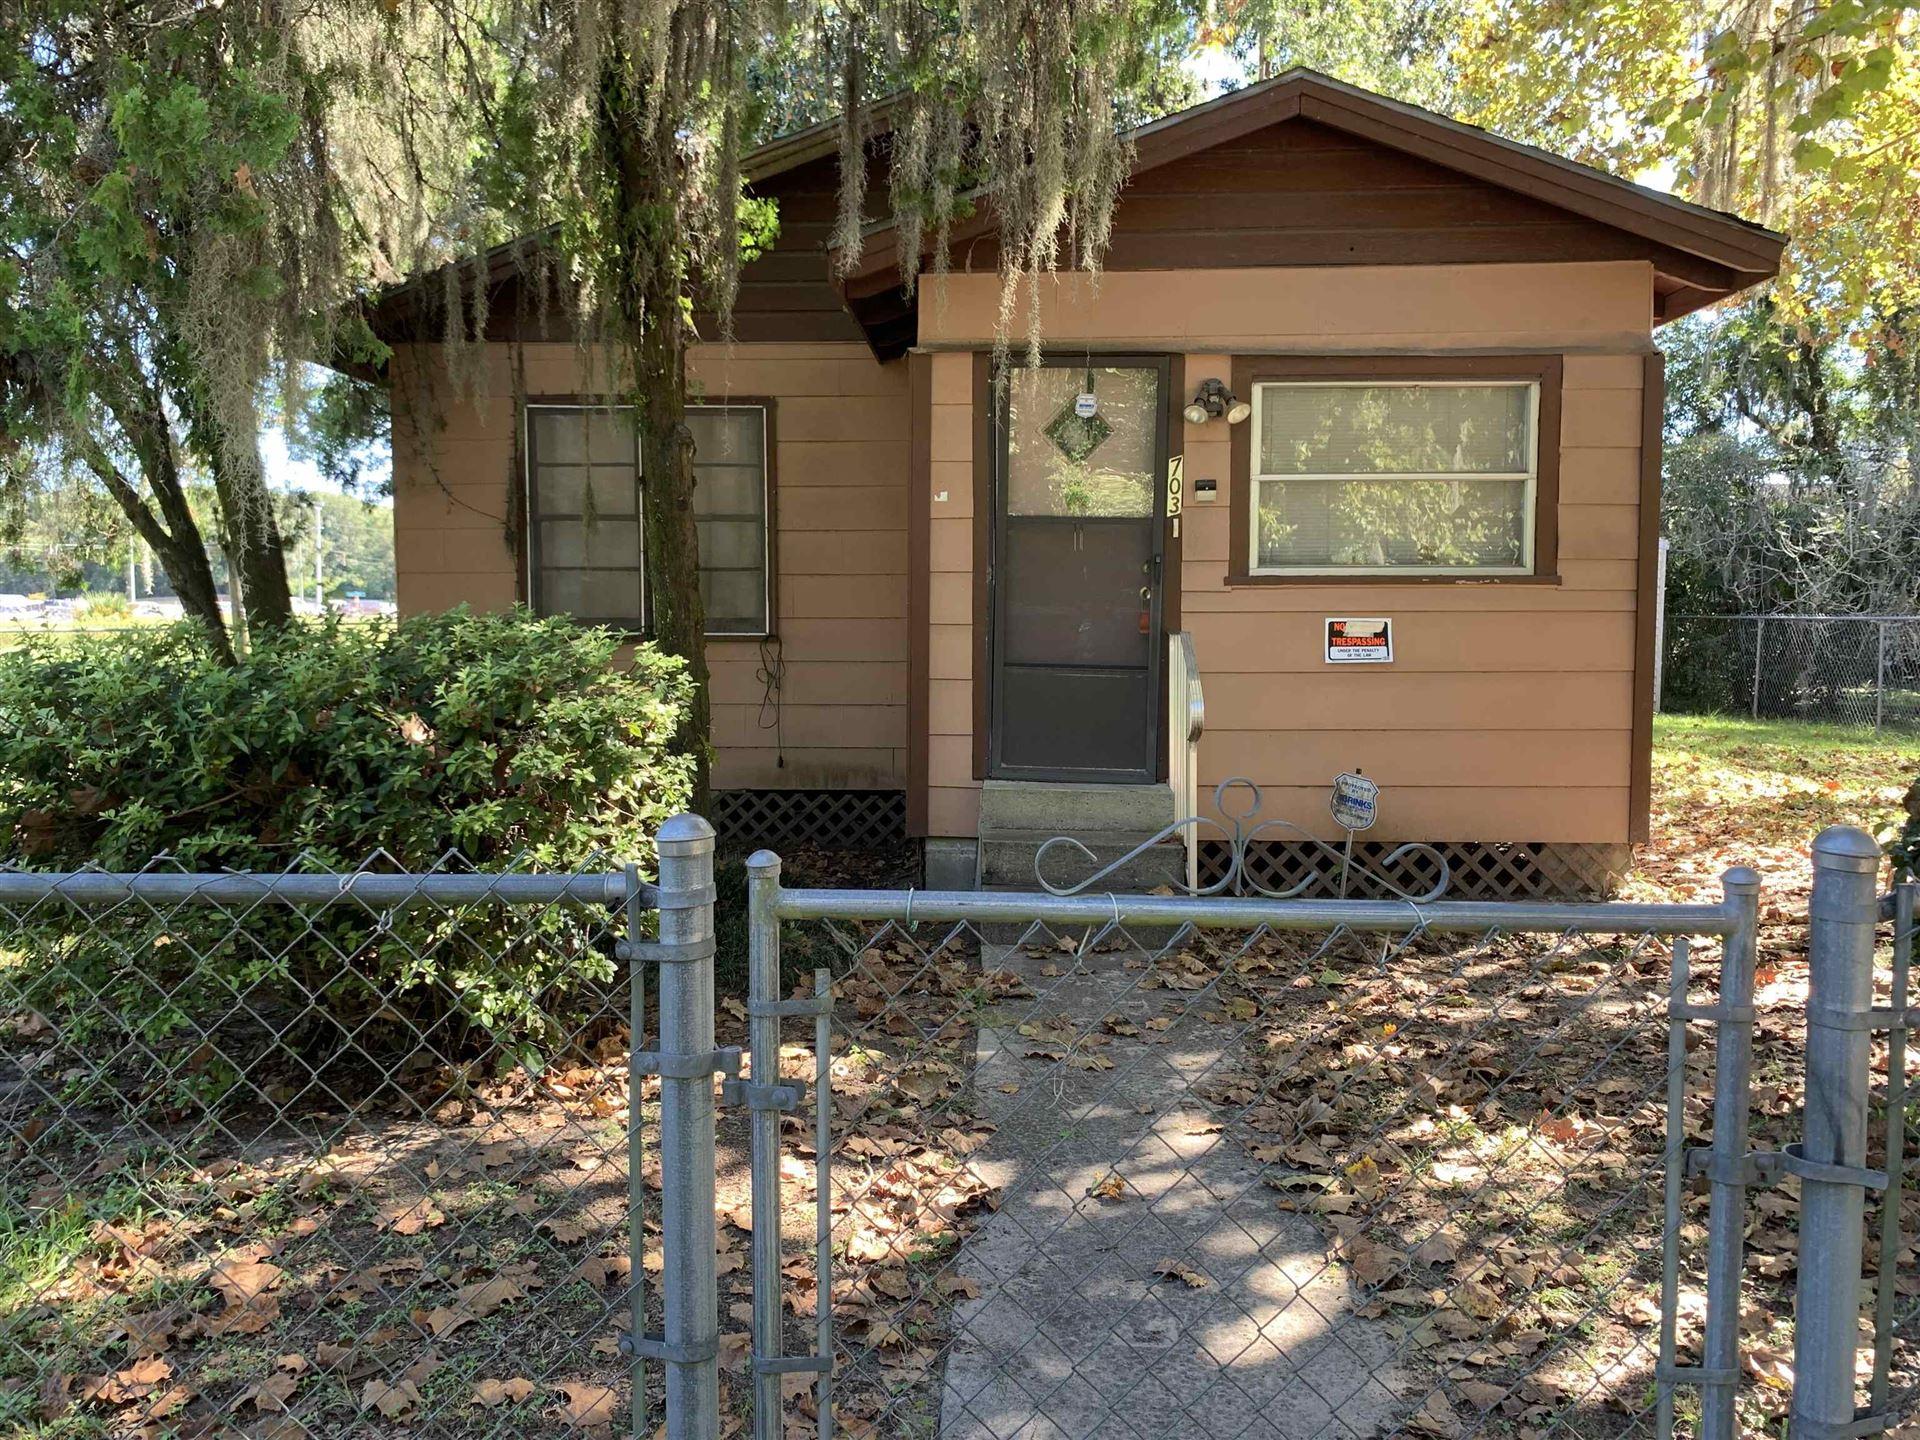 703 W Duval Street, Perry, FL 32347 - MLS#: 337699